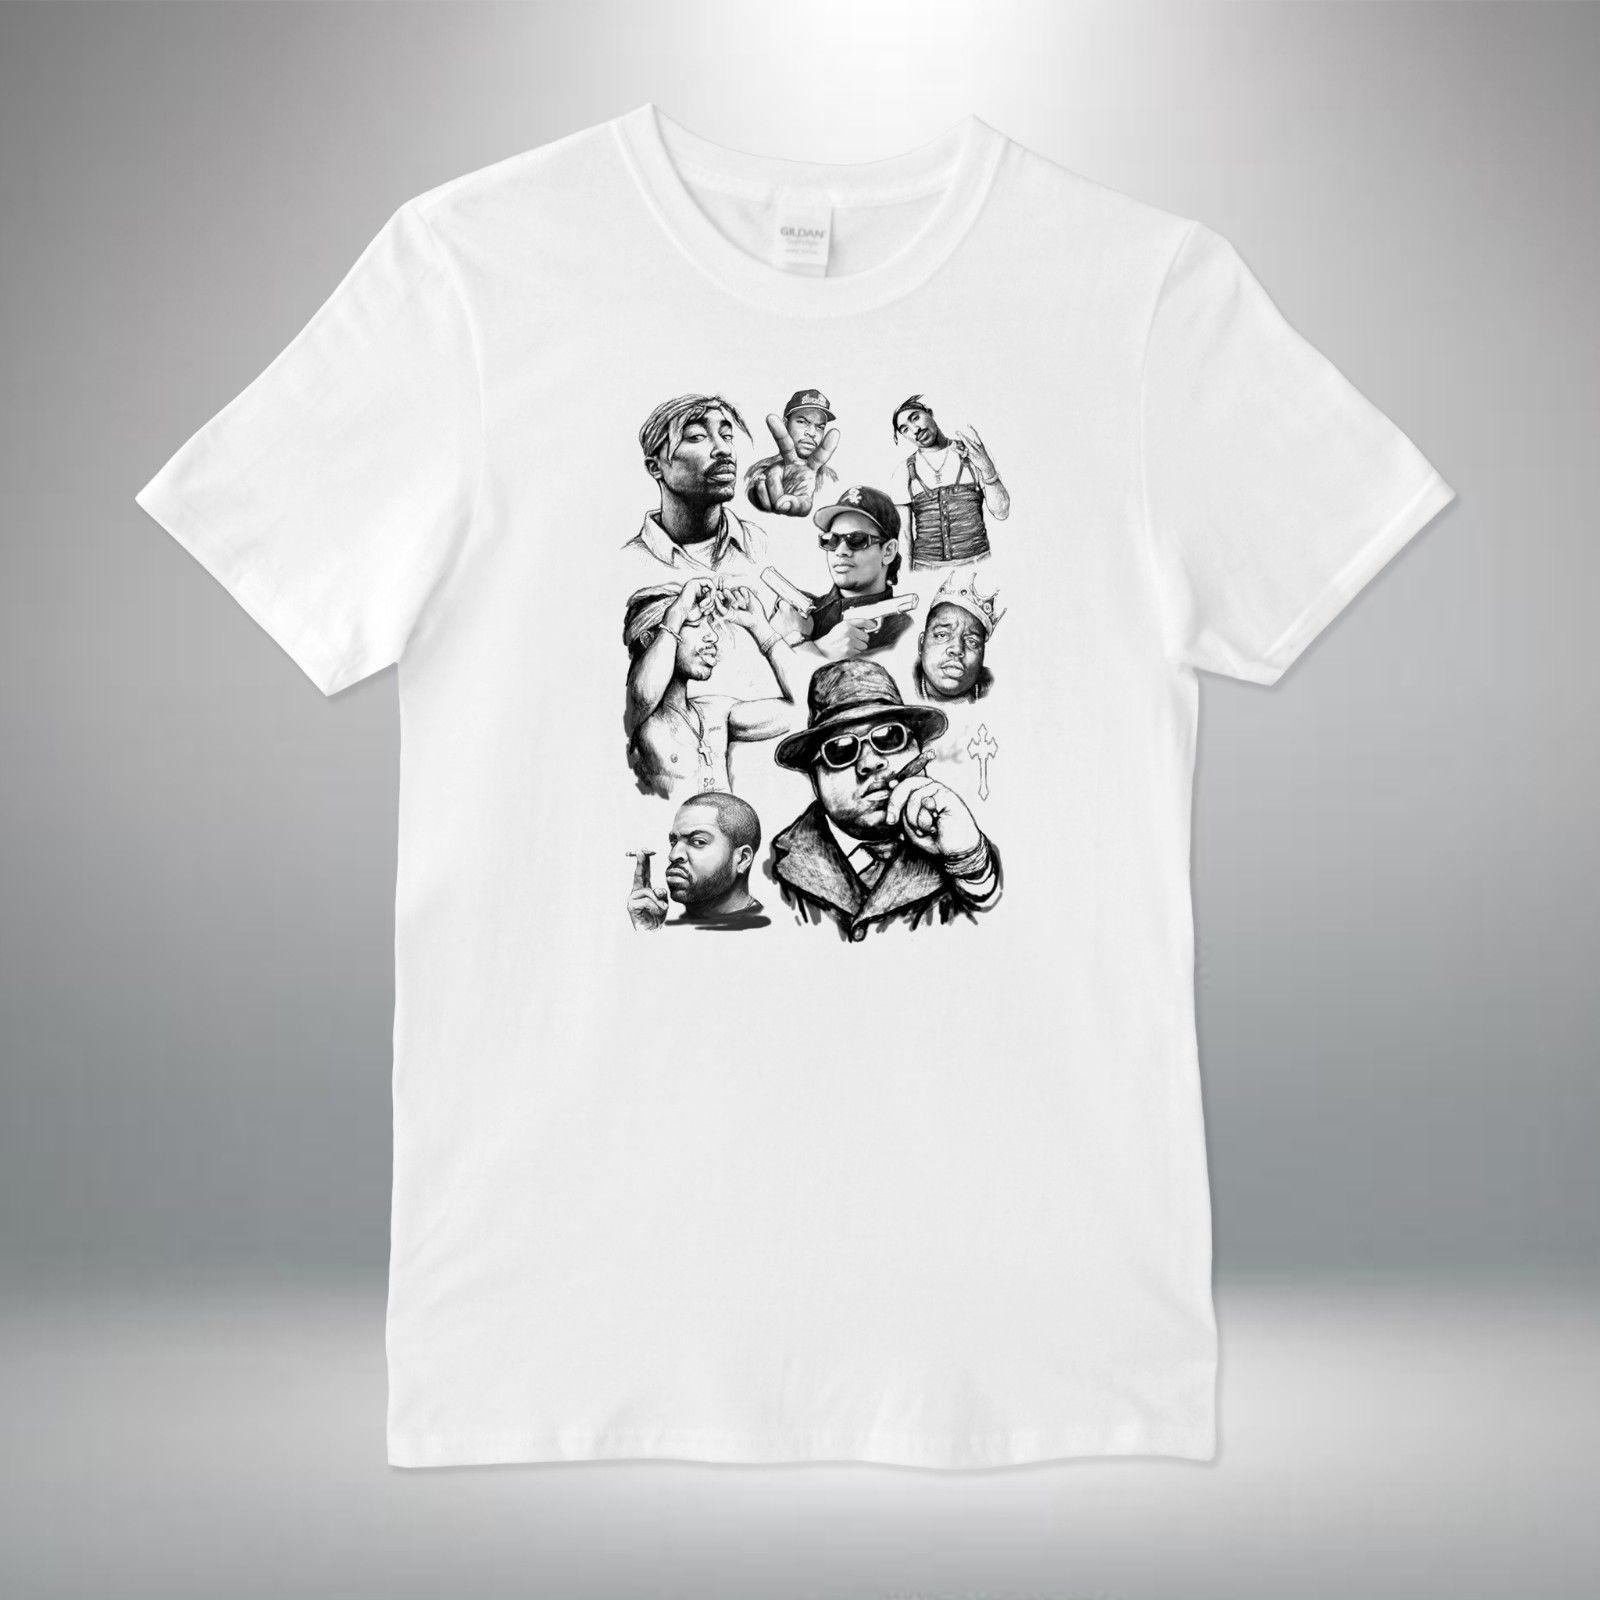 e8f786b8 Rap Legends Hip Hop Biggie Eazy E Ice Tupac T Shirt Vest Top Men Women  Unisex Tie Shirts Latest T Shirt Designs From Belief85, $11.48| DHgate.Com